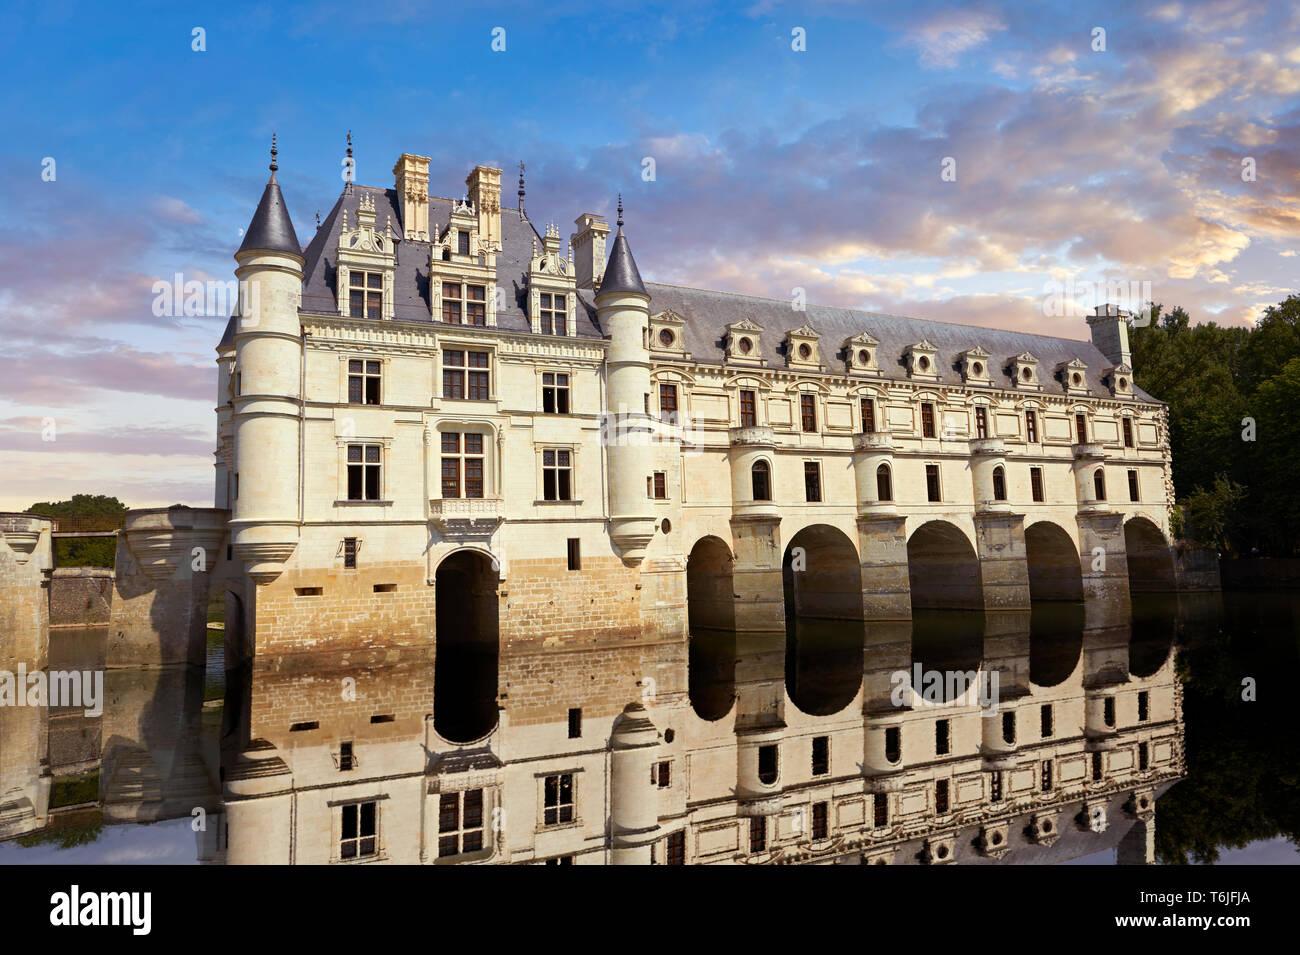 Francés Château de Chenonceau spanning el río Cher en el Valle del Loira al atardecer, Indre-et-Loire département, Francia Imagen De Stock